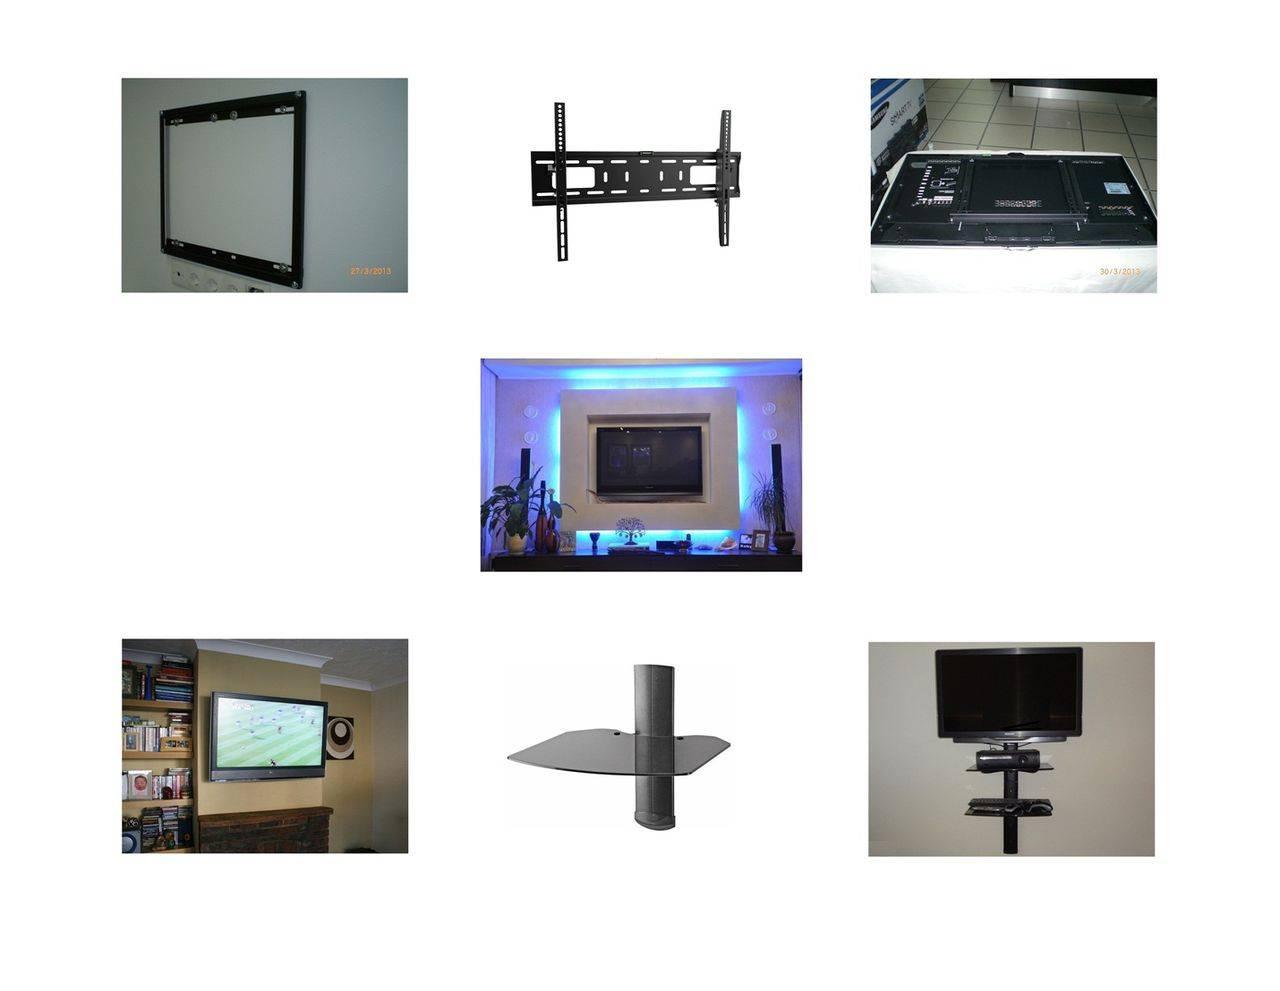 Как повесить телевизор на стену своими руками: вешаем самостоятельно, по инструкции, телевизор с кронштейном